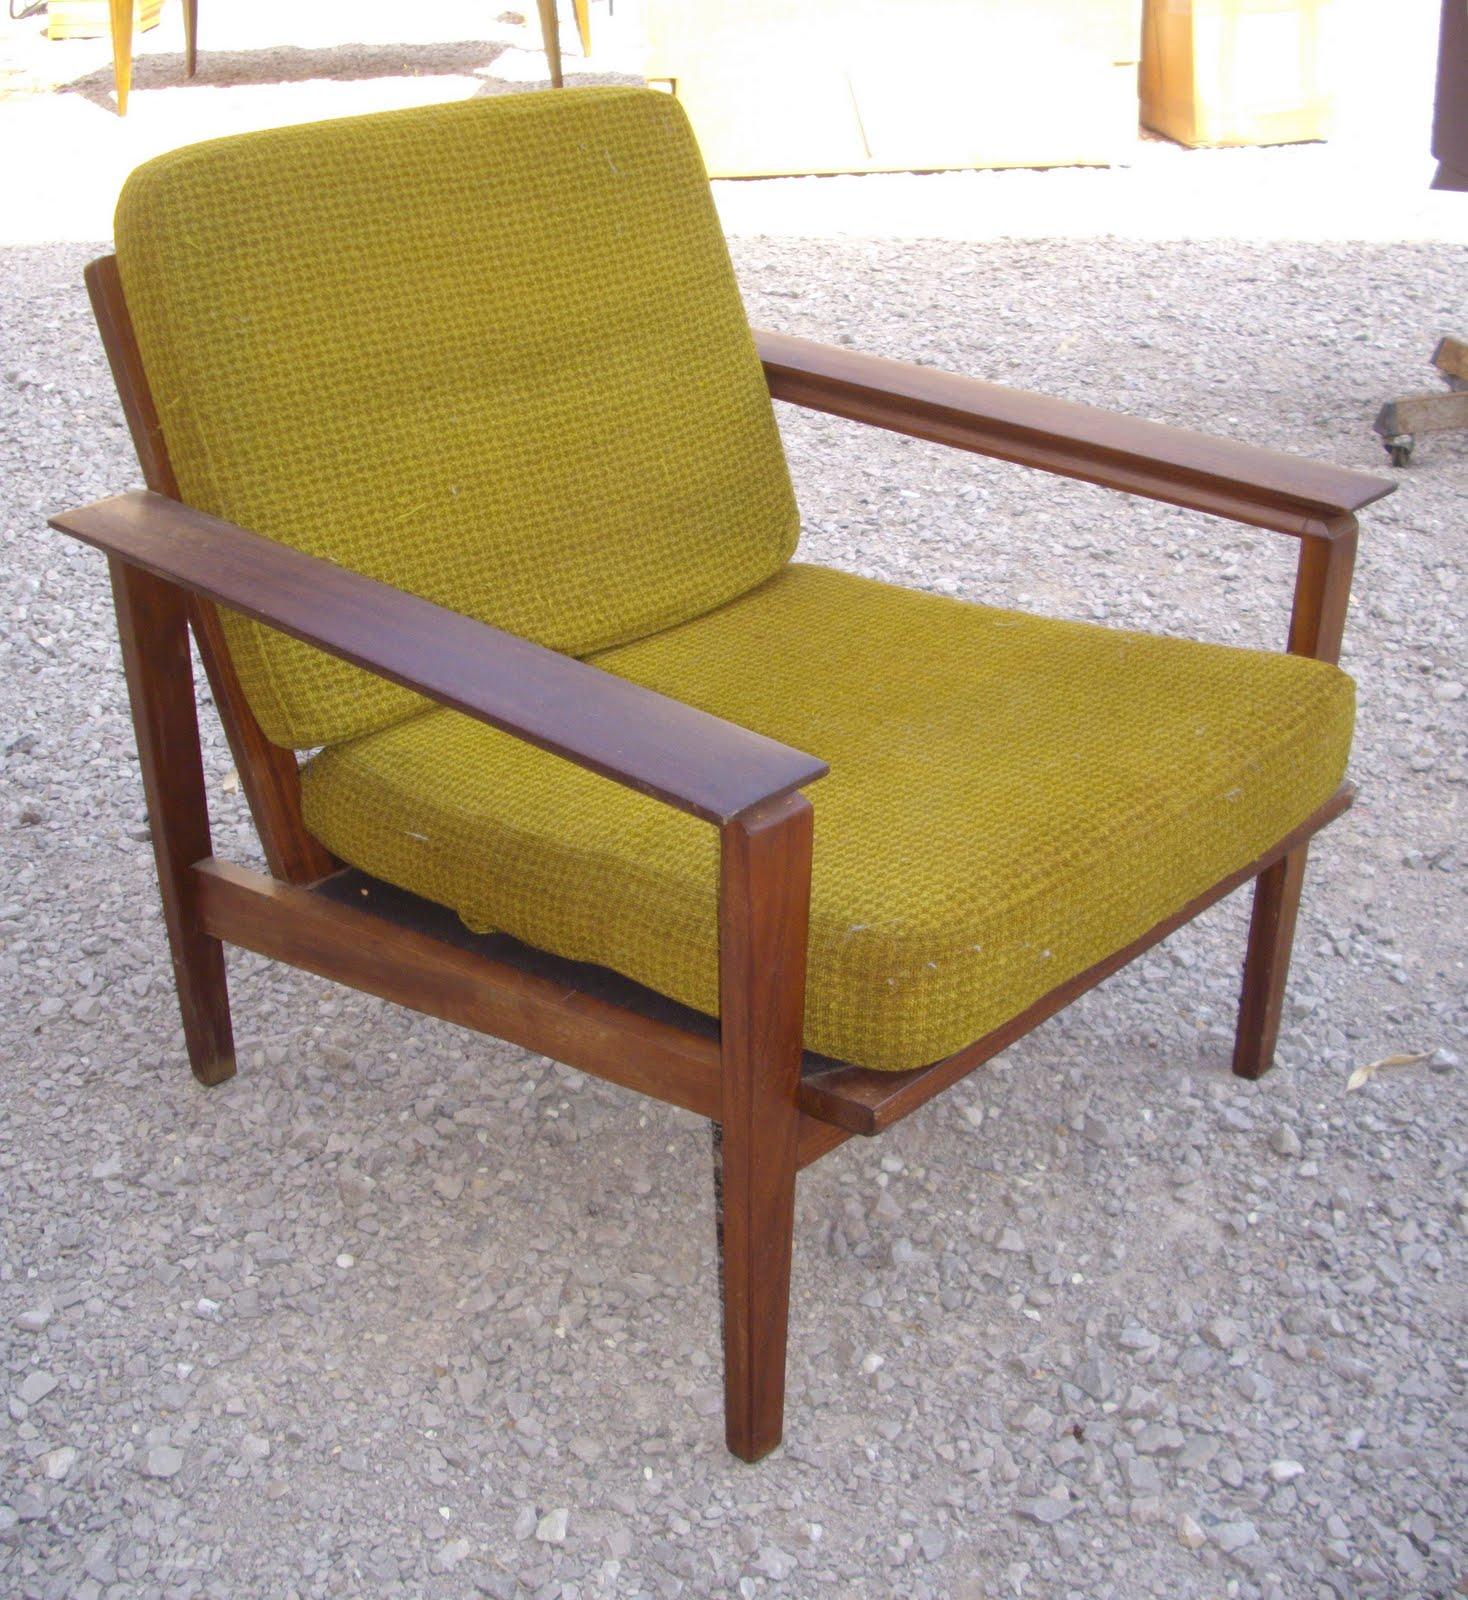 la vieille laverie imp riale fauteuil scandinave vintage 1960 en palissandre. Black Bedroom Furniture Sets. Home Design Ideas